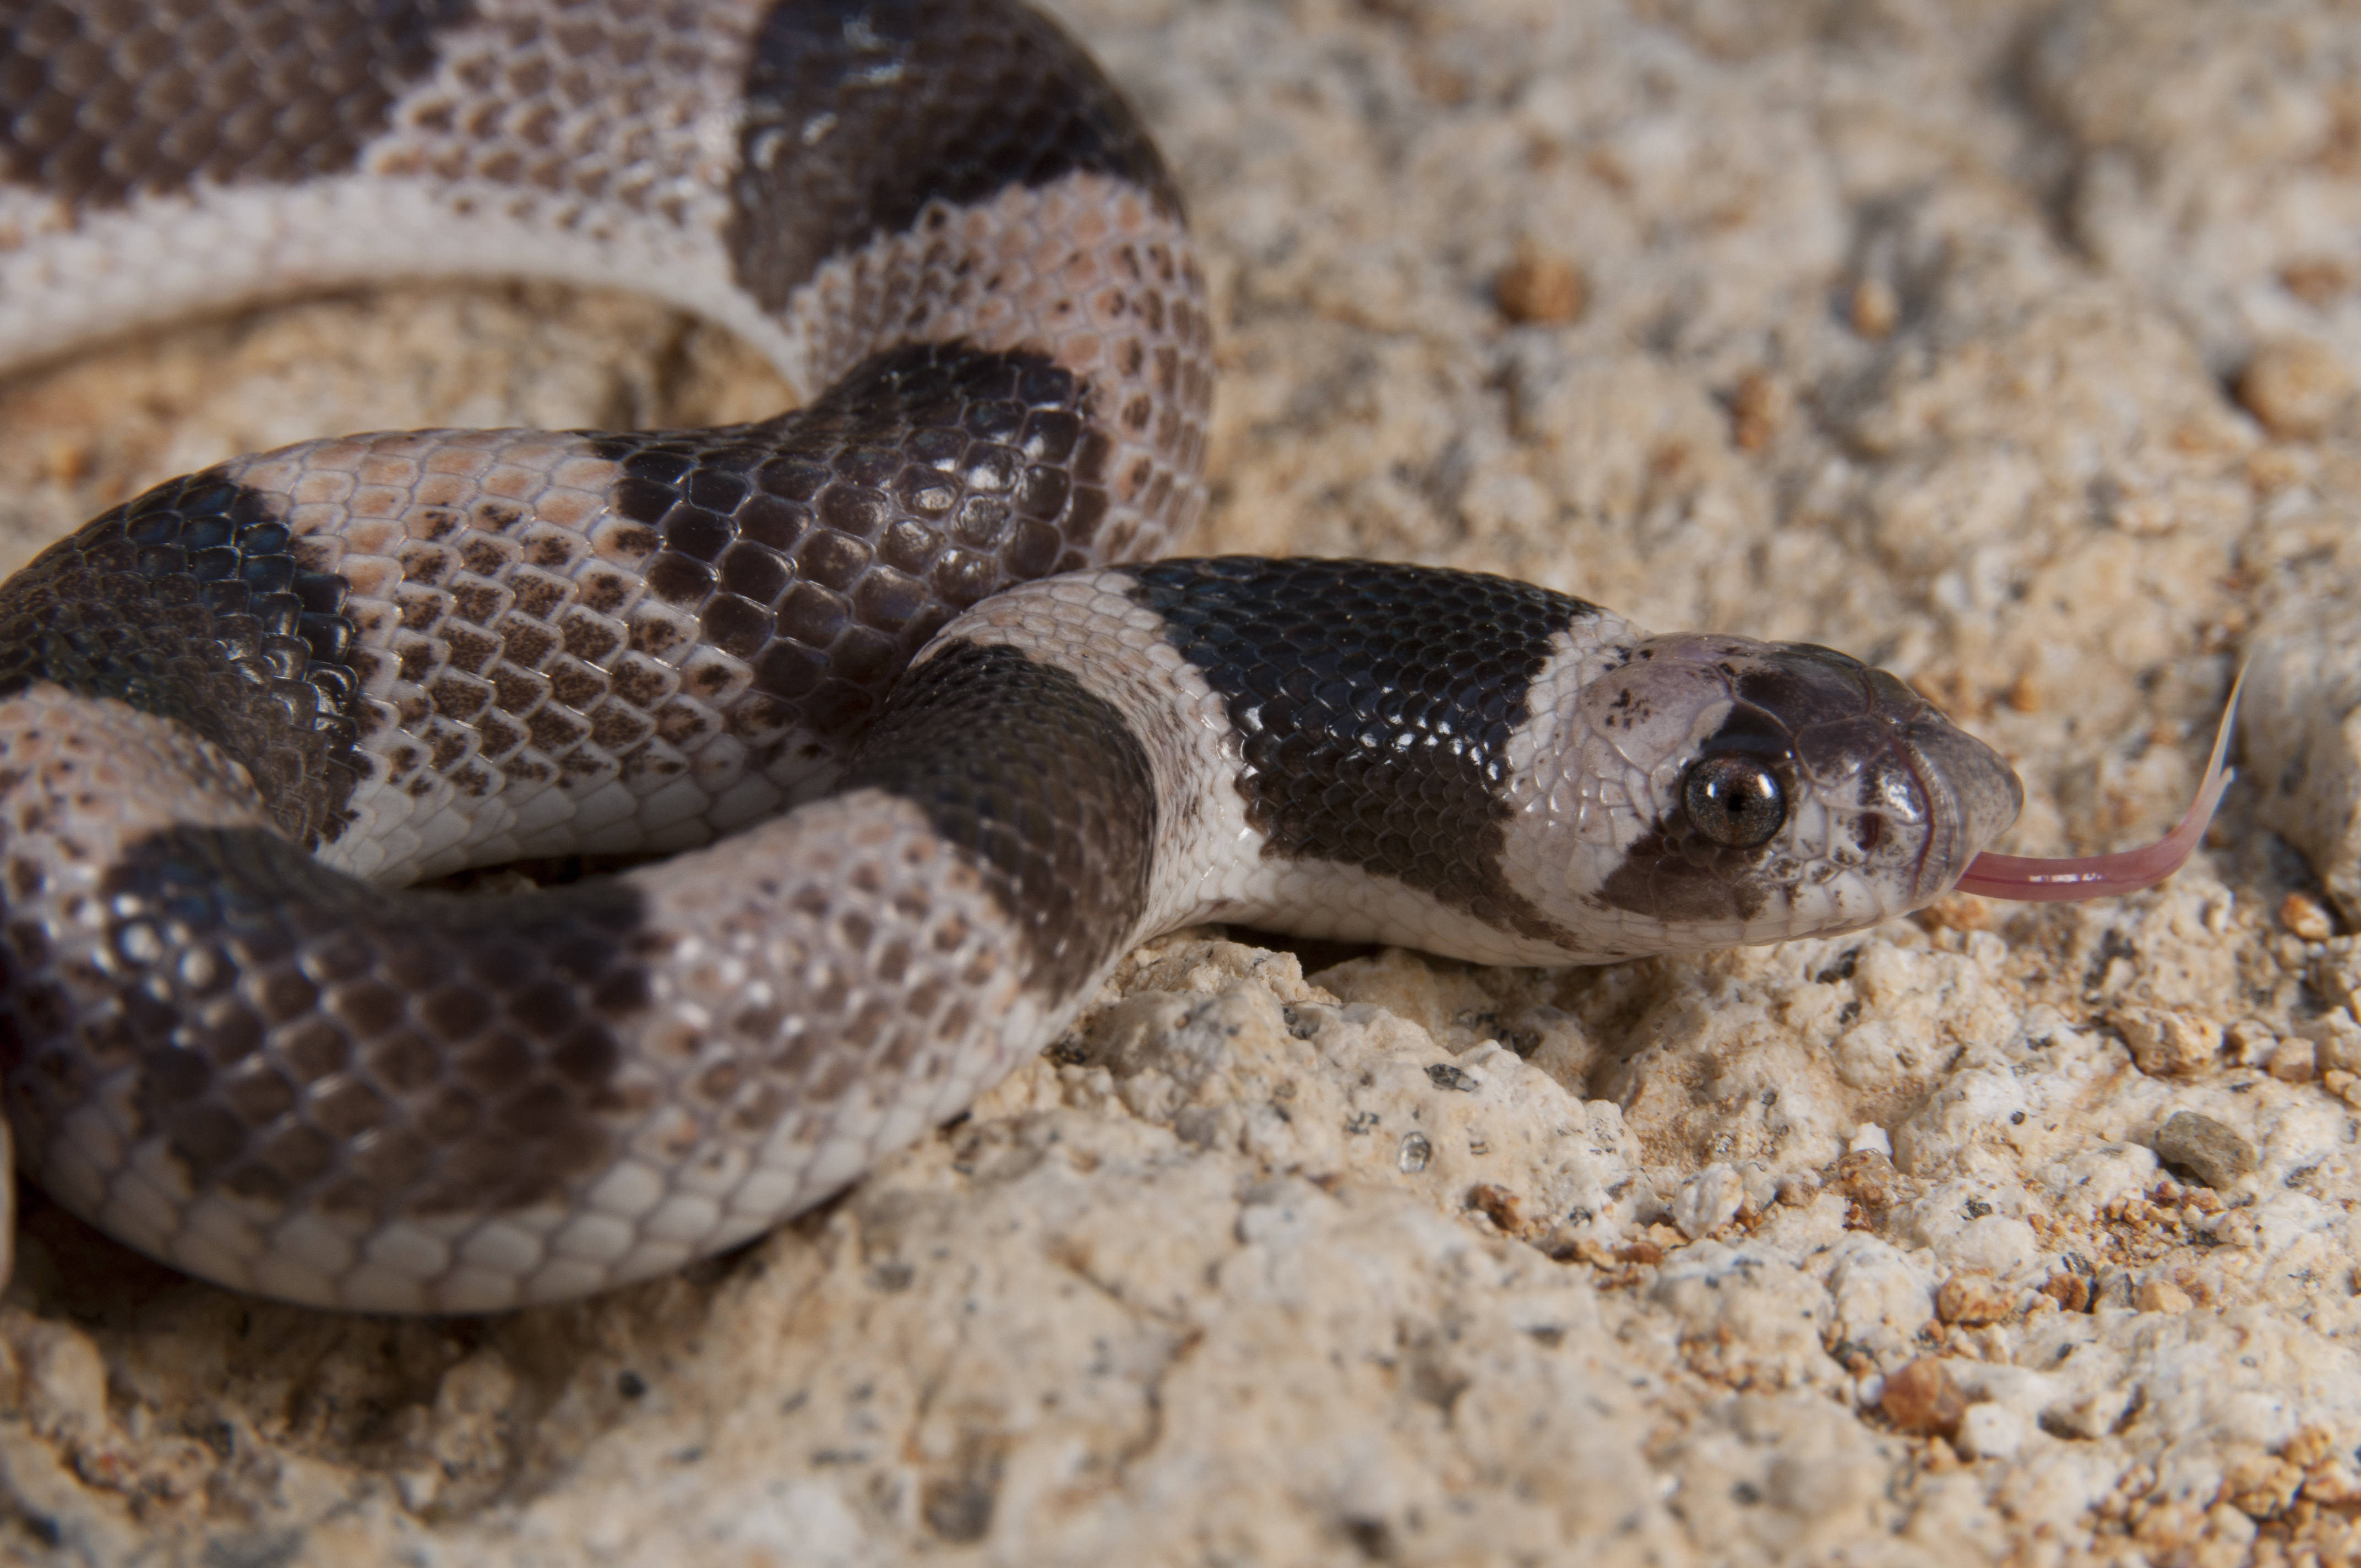 Image of Saddled Leafnose Snake